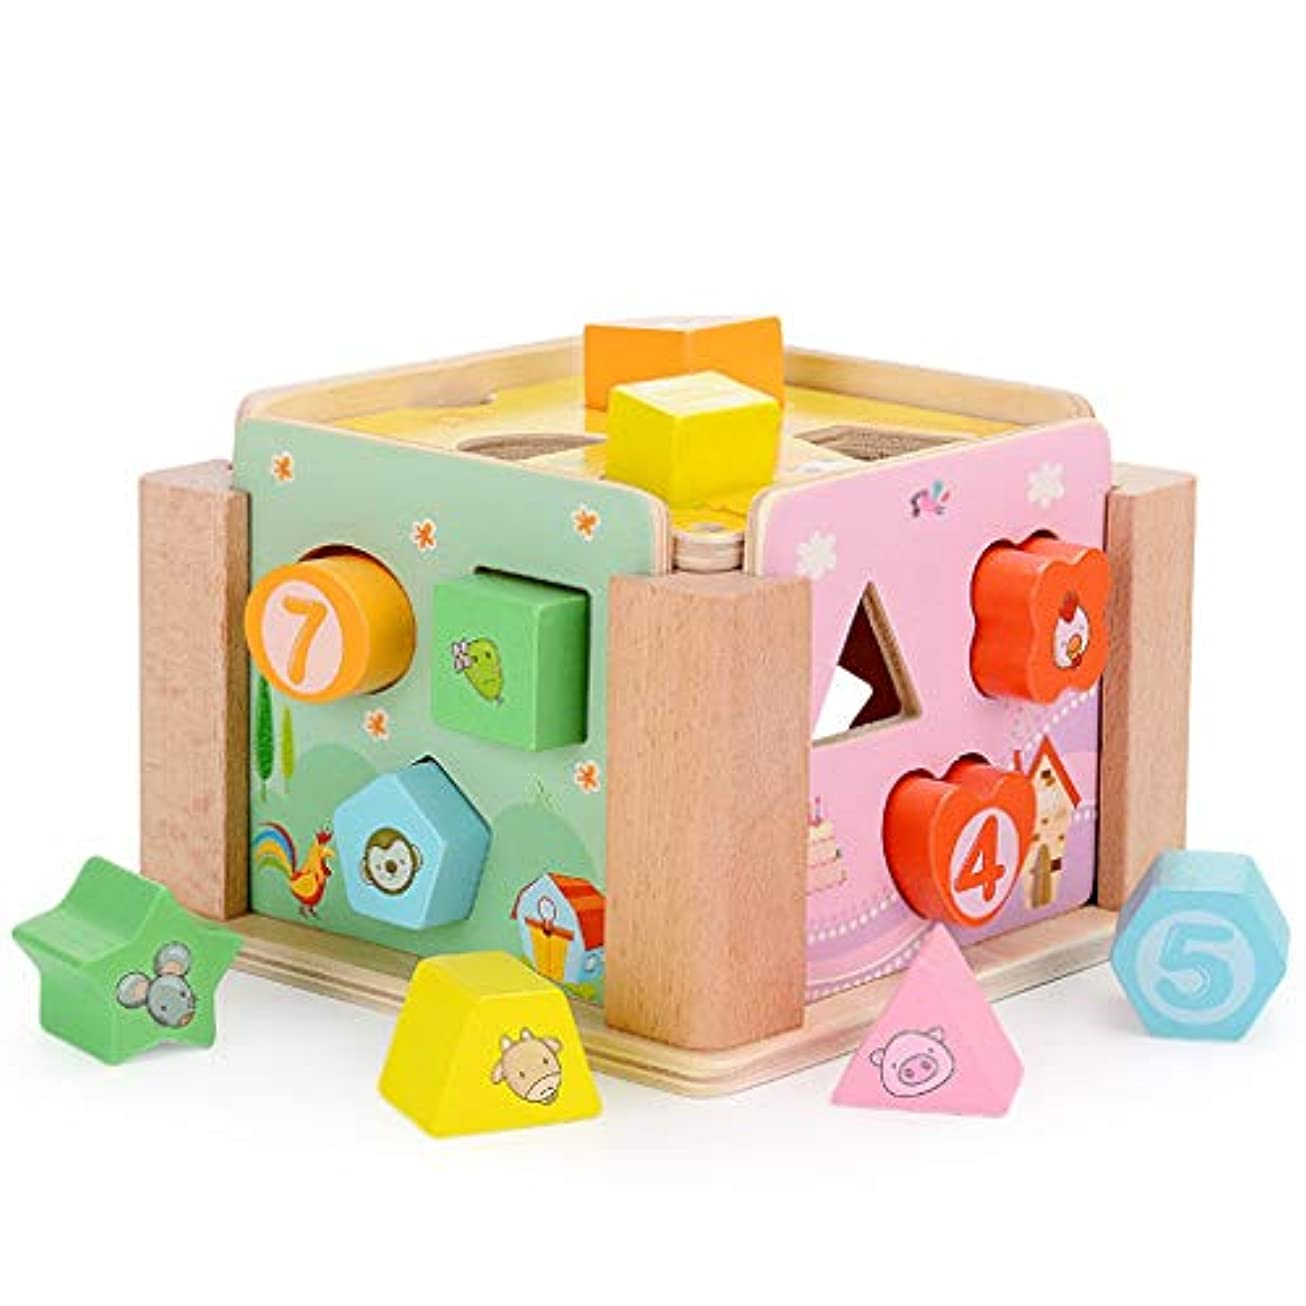 要求見捨てる連邦12の形状分類、色、形状、幾何学的マッチングのために幼児1-3のための完全な木のおもちゃ、 (色 : Multi-colored)